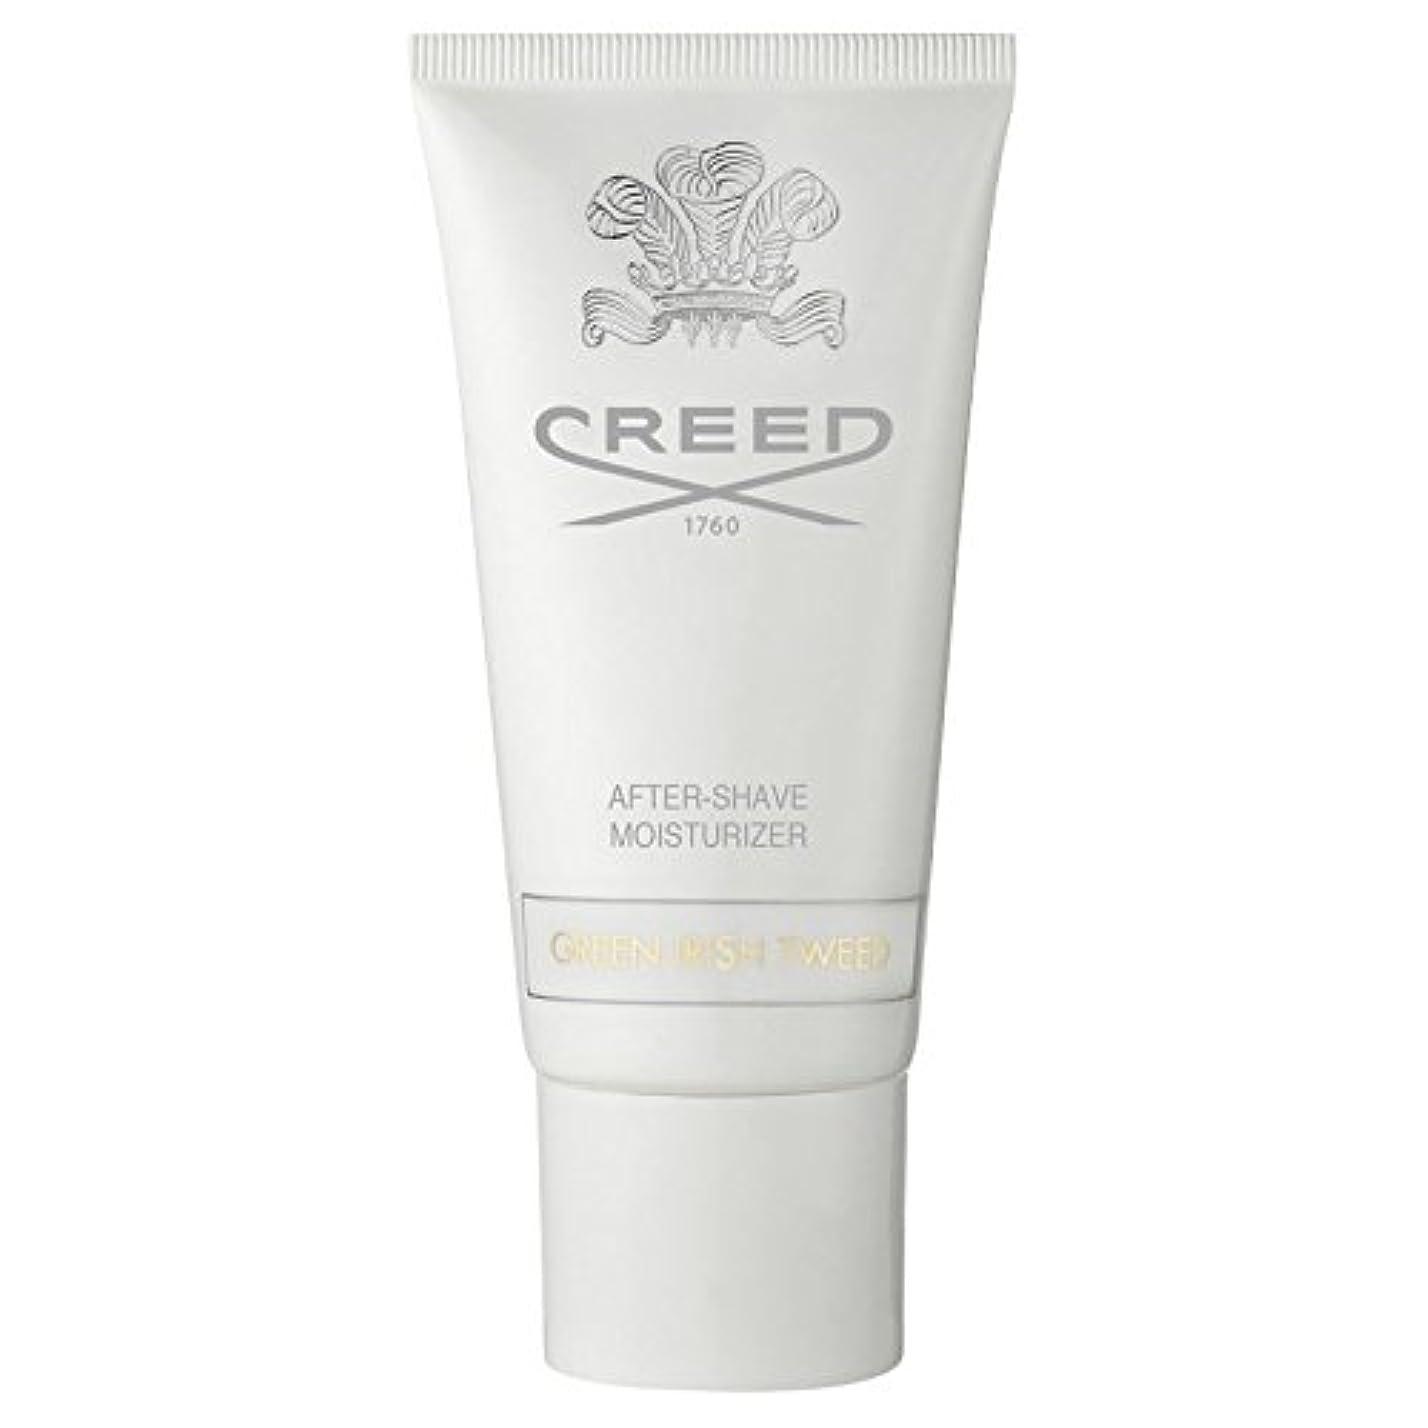 遺伝的しかし一般[CREED] 信条グリーンアイリッシュツィードアフターシェーブ用保湿剤の75ミリリットル - Creed Green Irish Tweed After-Shave Moisturiser 75ml [並行輸入品]